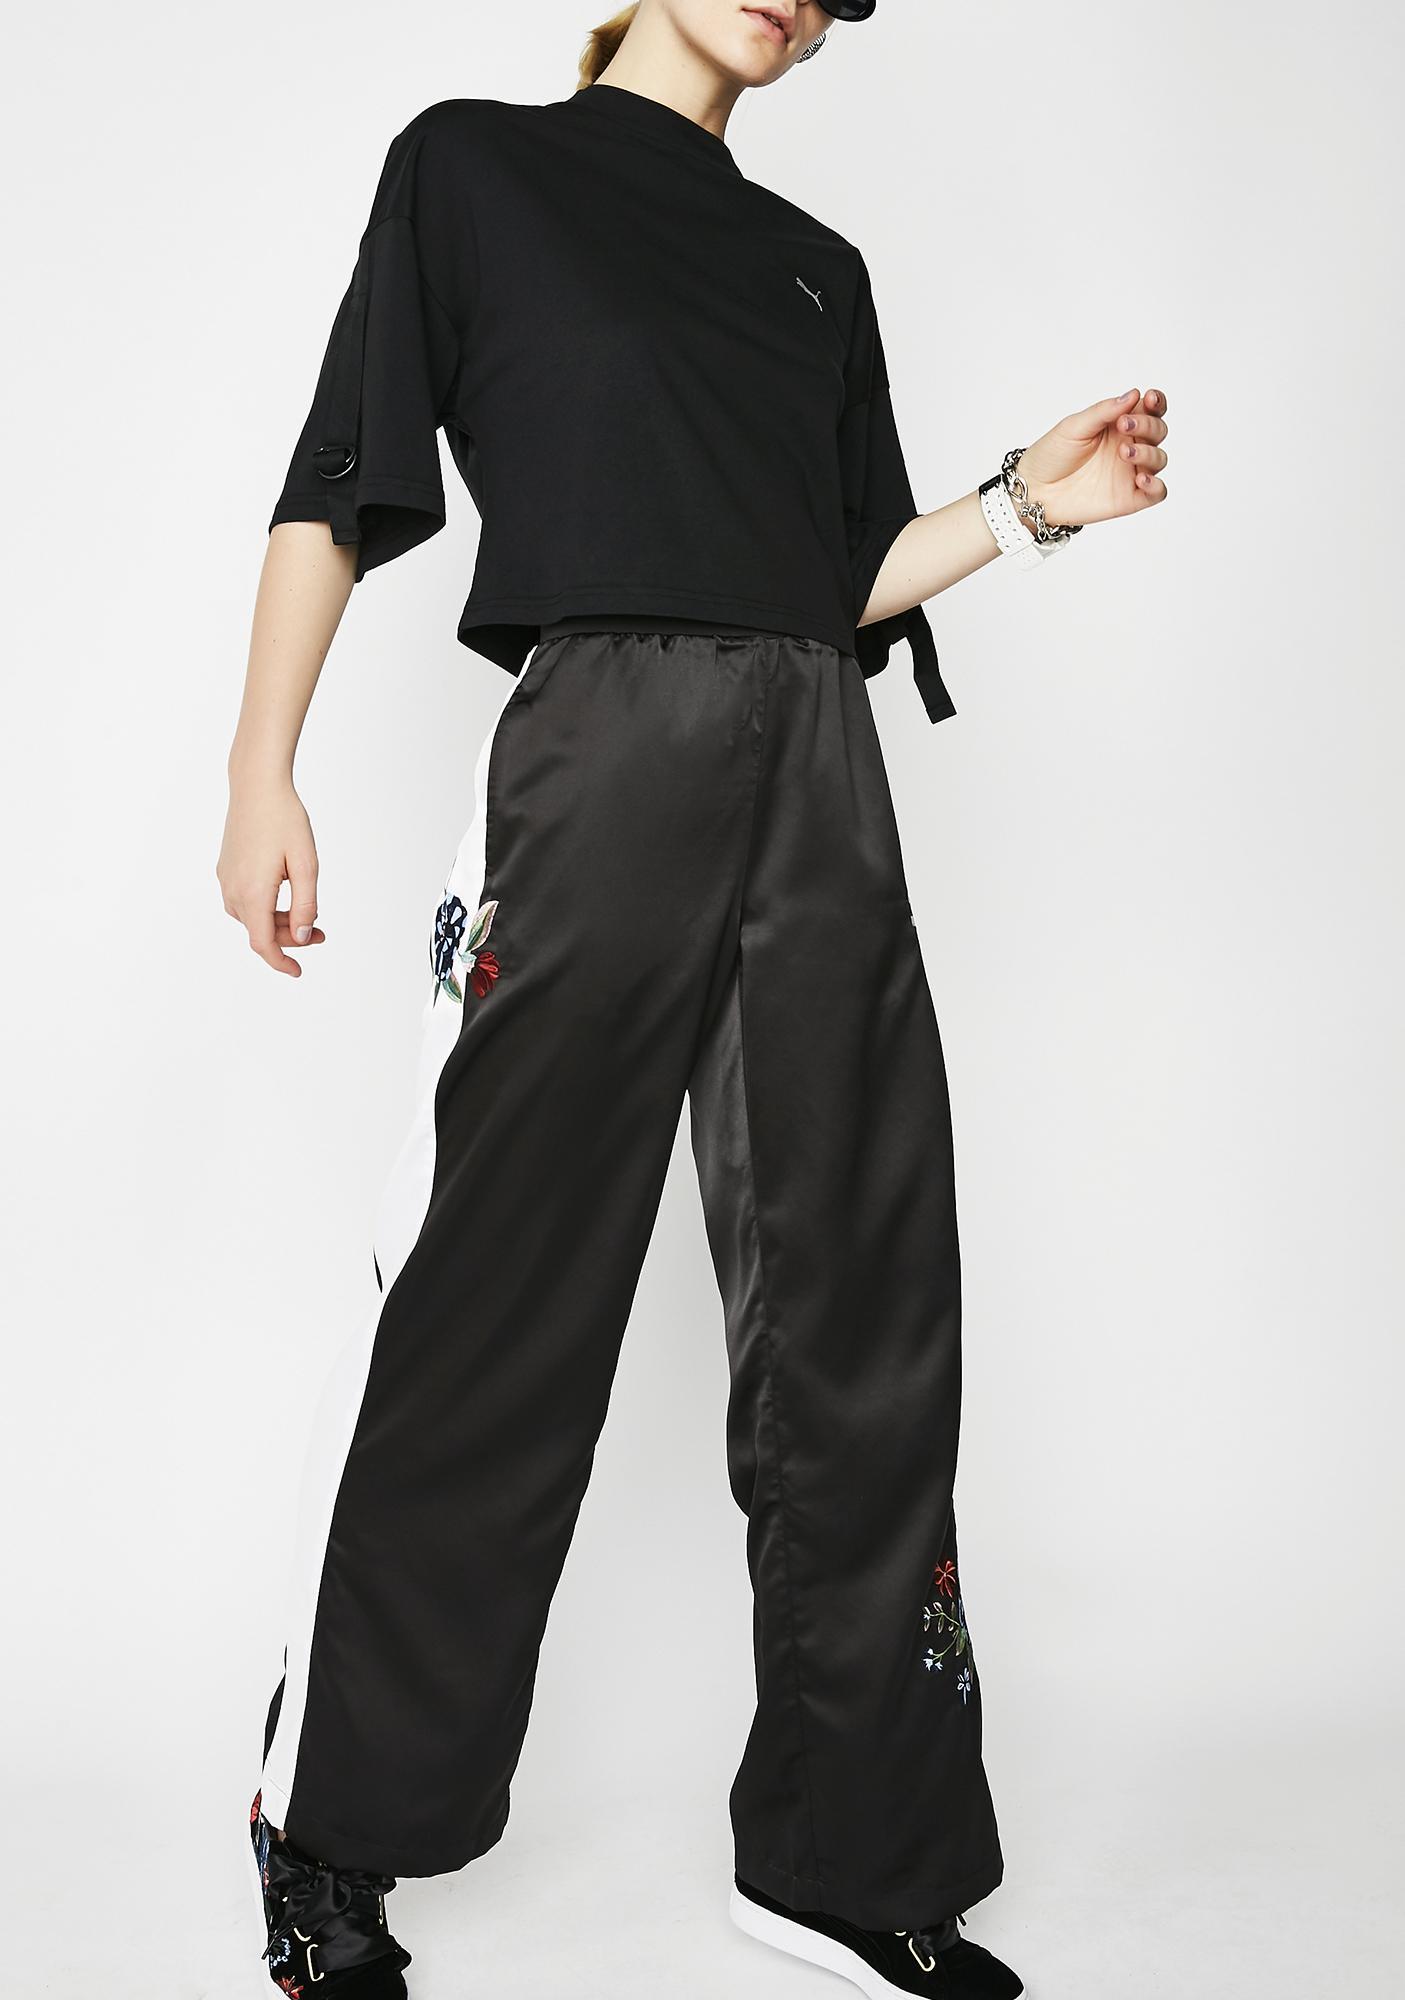 PUMA Premium Archive T7 Pants